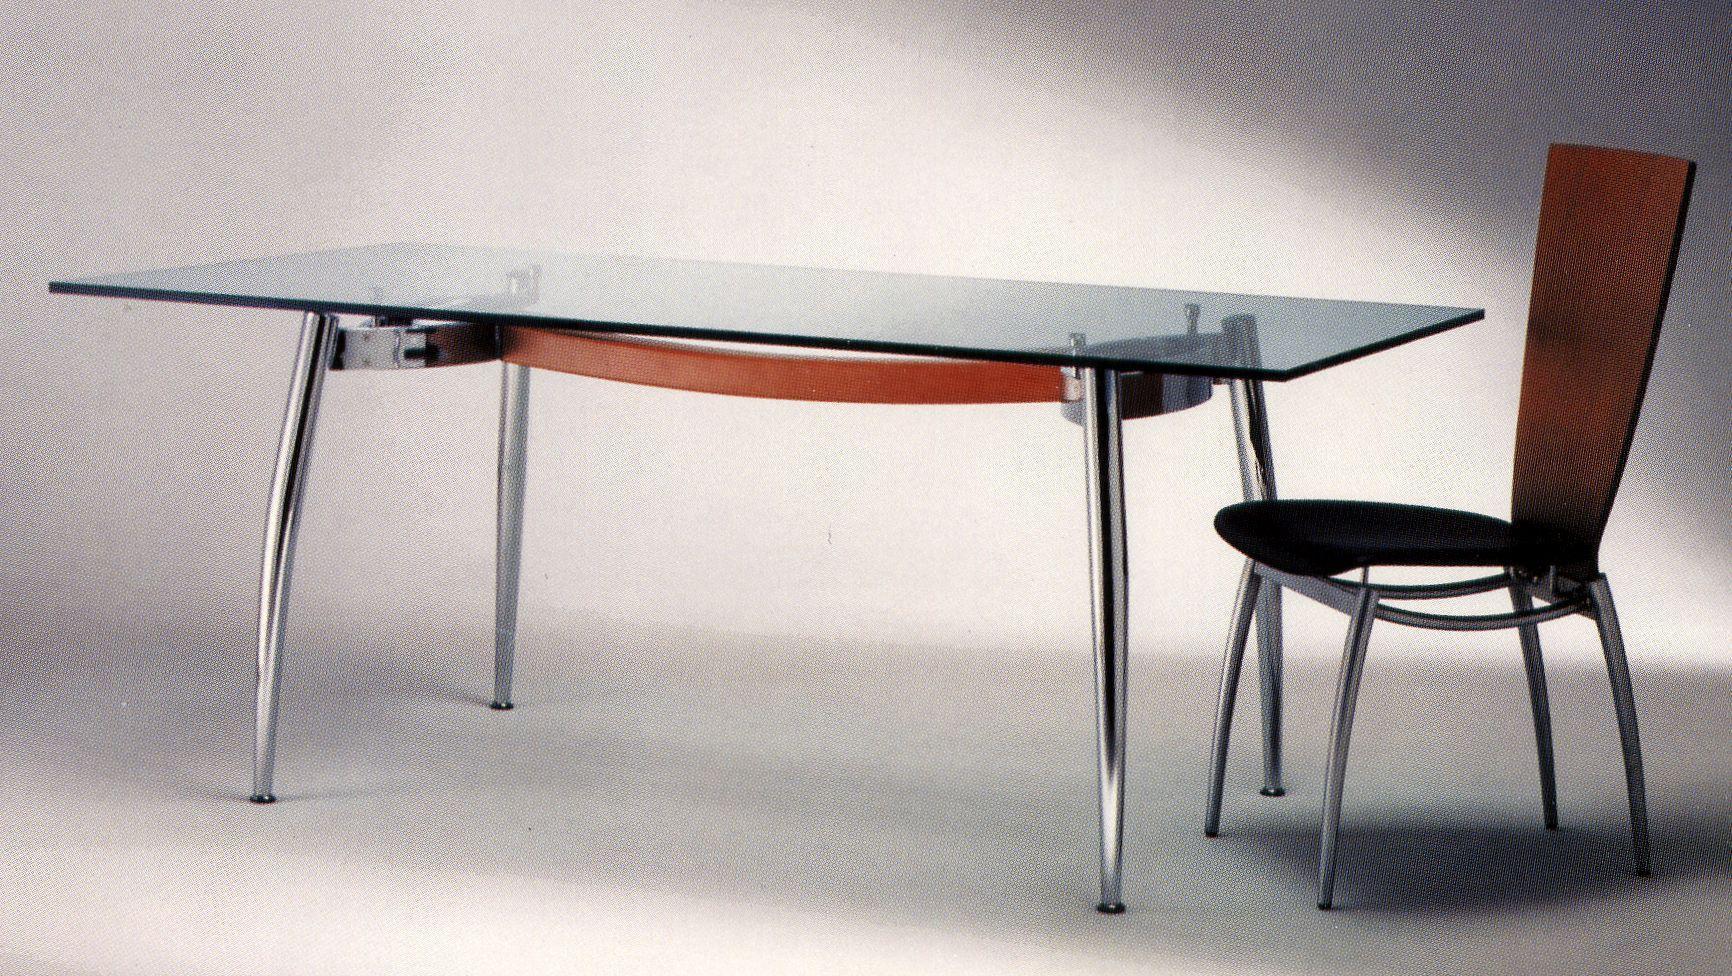 Italian Chrome Modern Dining Table